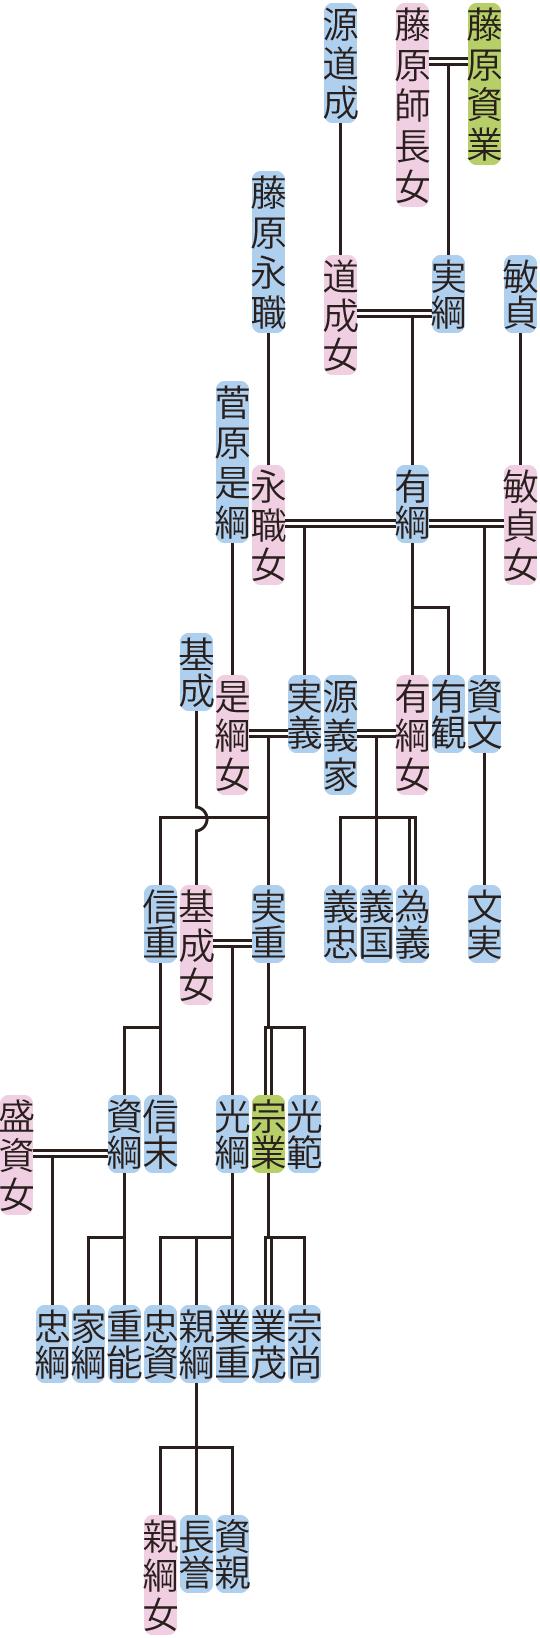 藤原有綱~信重の系図